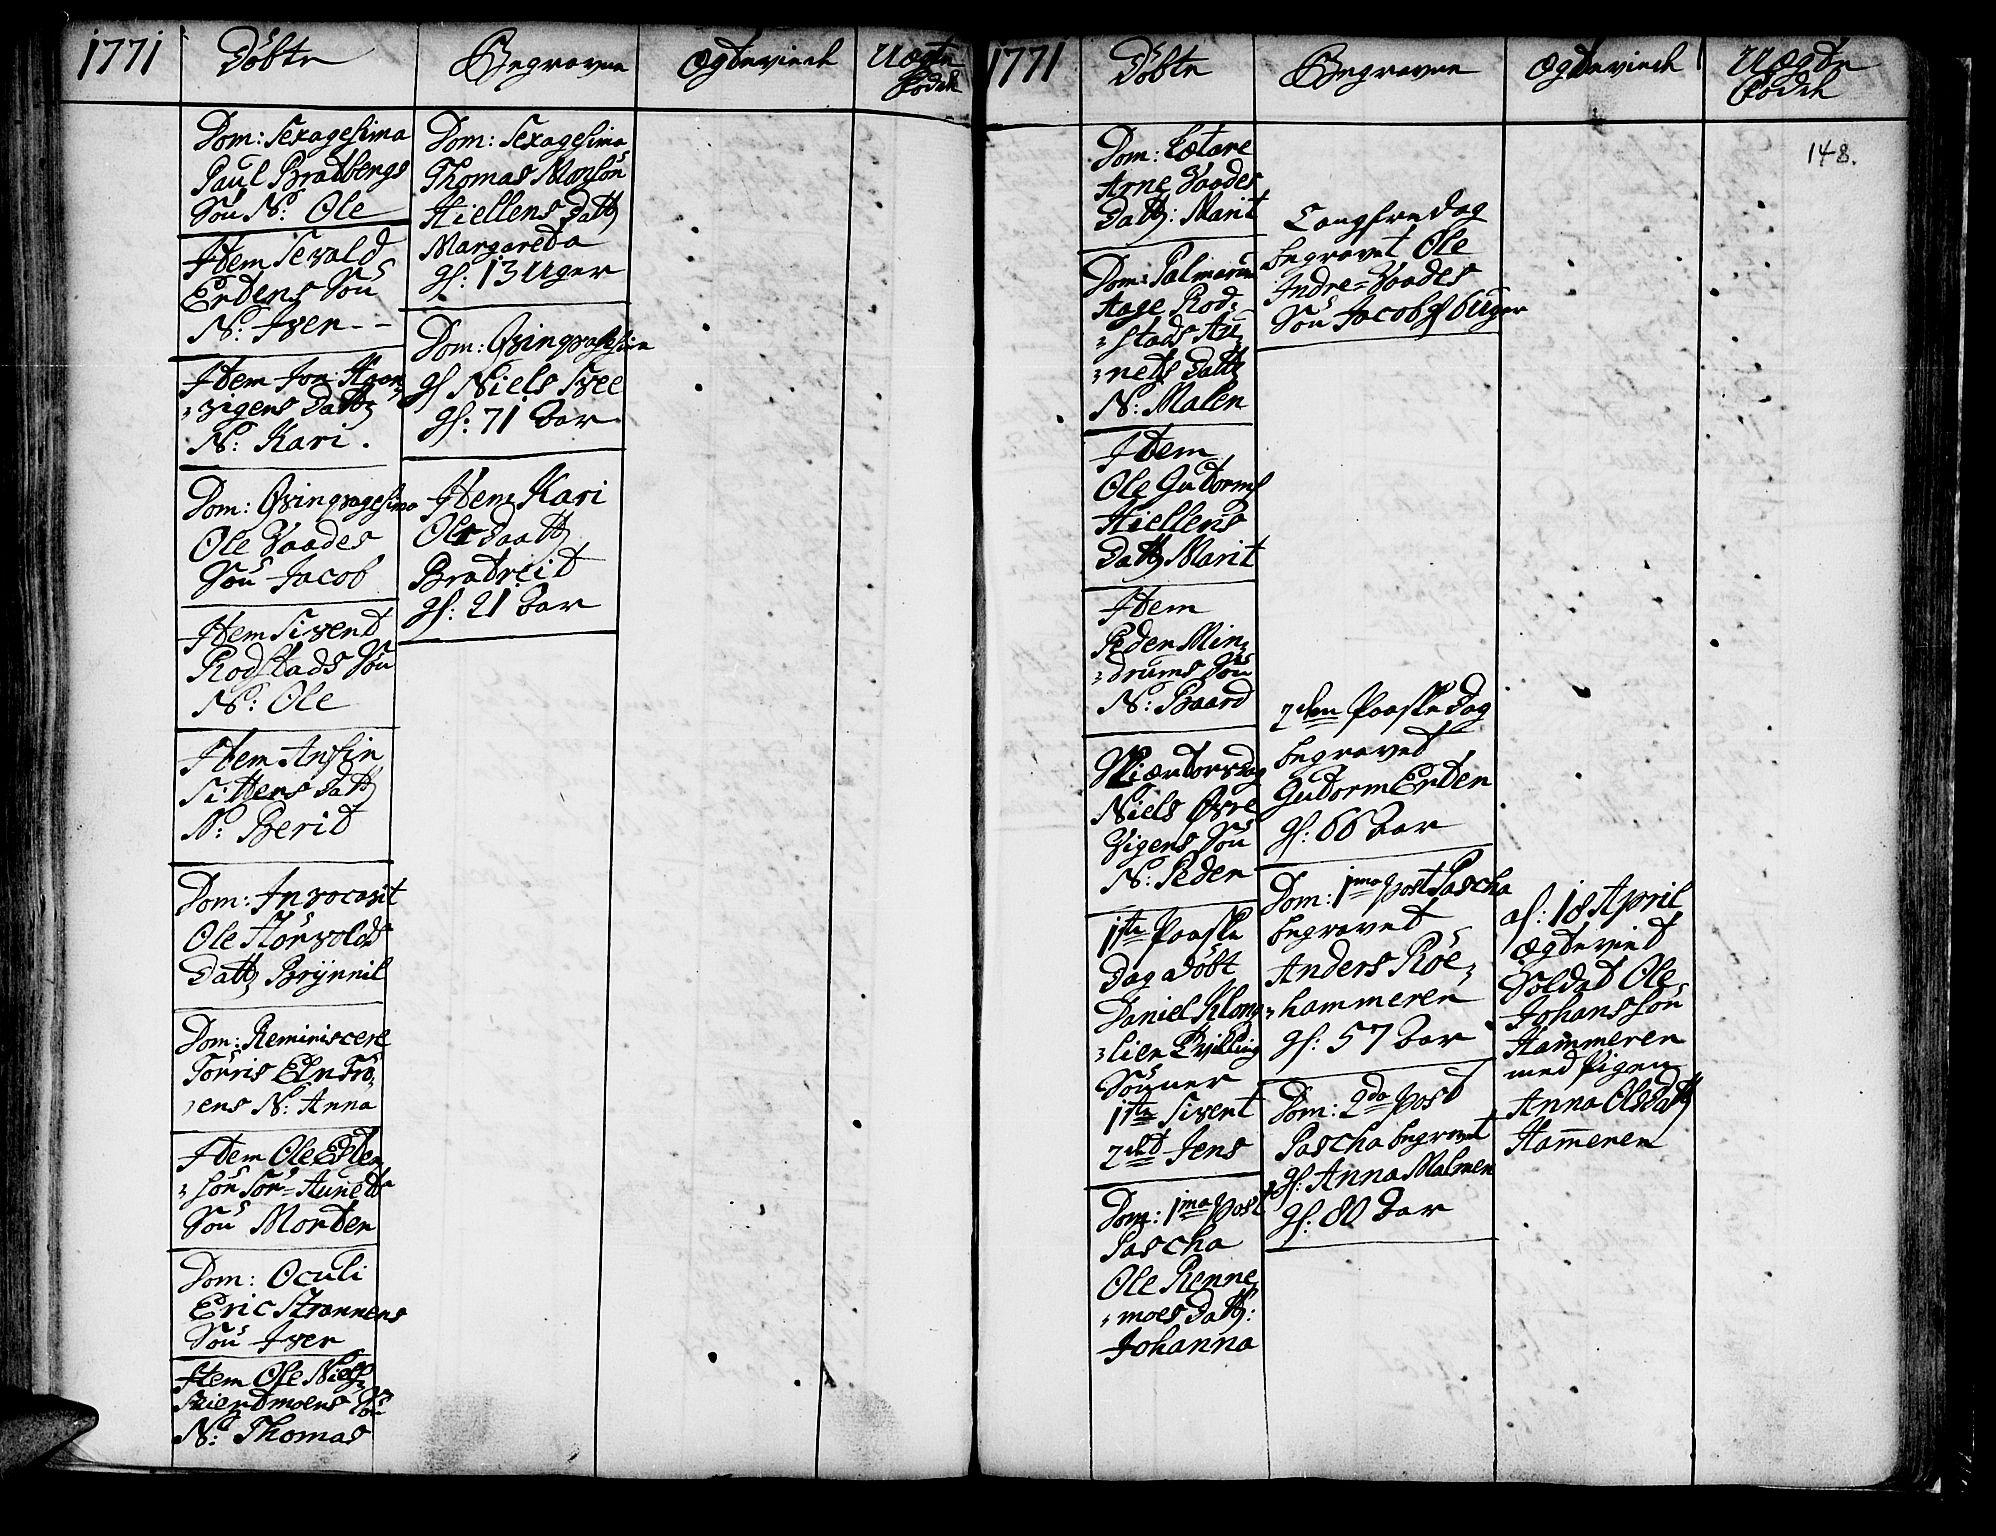 SAT, Ministerialprotokoller, klokkerbøker og fødselsregistre - Nord-Trøndelag, 741/L0385: Ministerialbok nr. 741A01, 1722-1815, s. 148